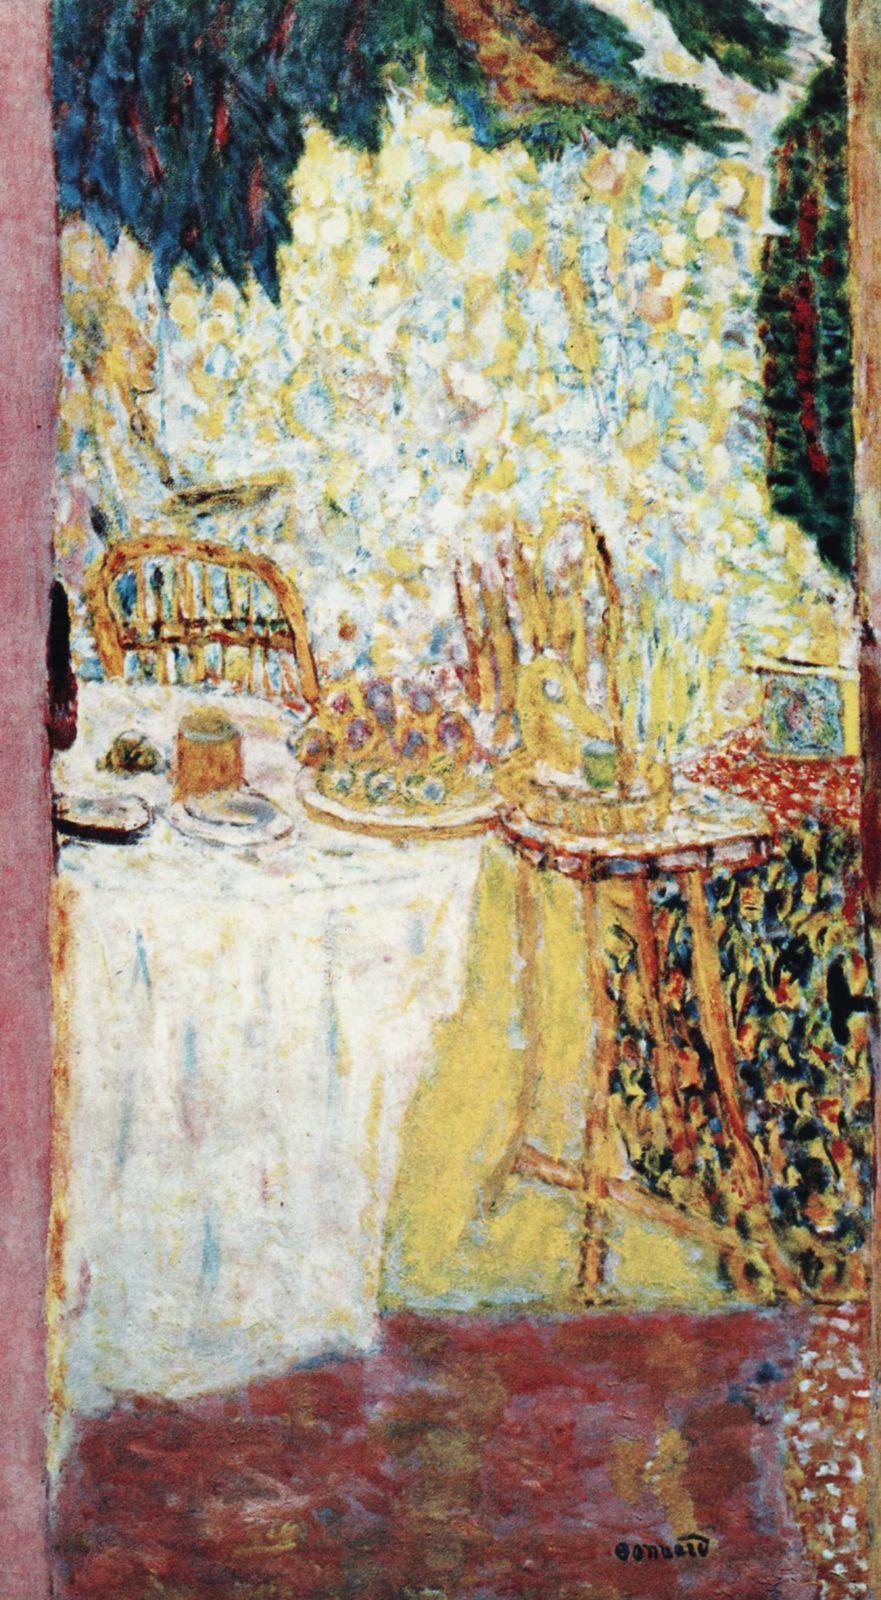 Pierre Bonnard, (1867 1947) est un peintre français. Peintre de personnages, figures, nus, portraits, paysages animés, intérieurs, natures mortes, fleurs et fruits, il était aussi graveur, dessinateur et illustrateur...